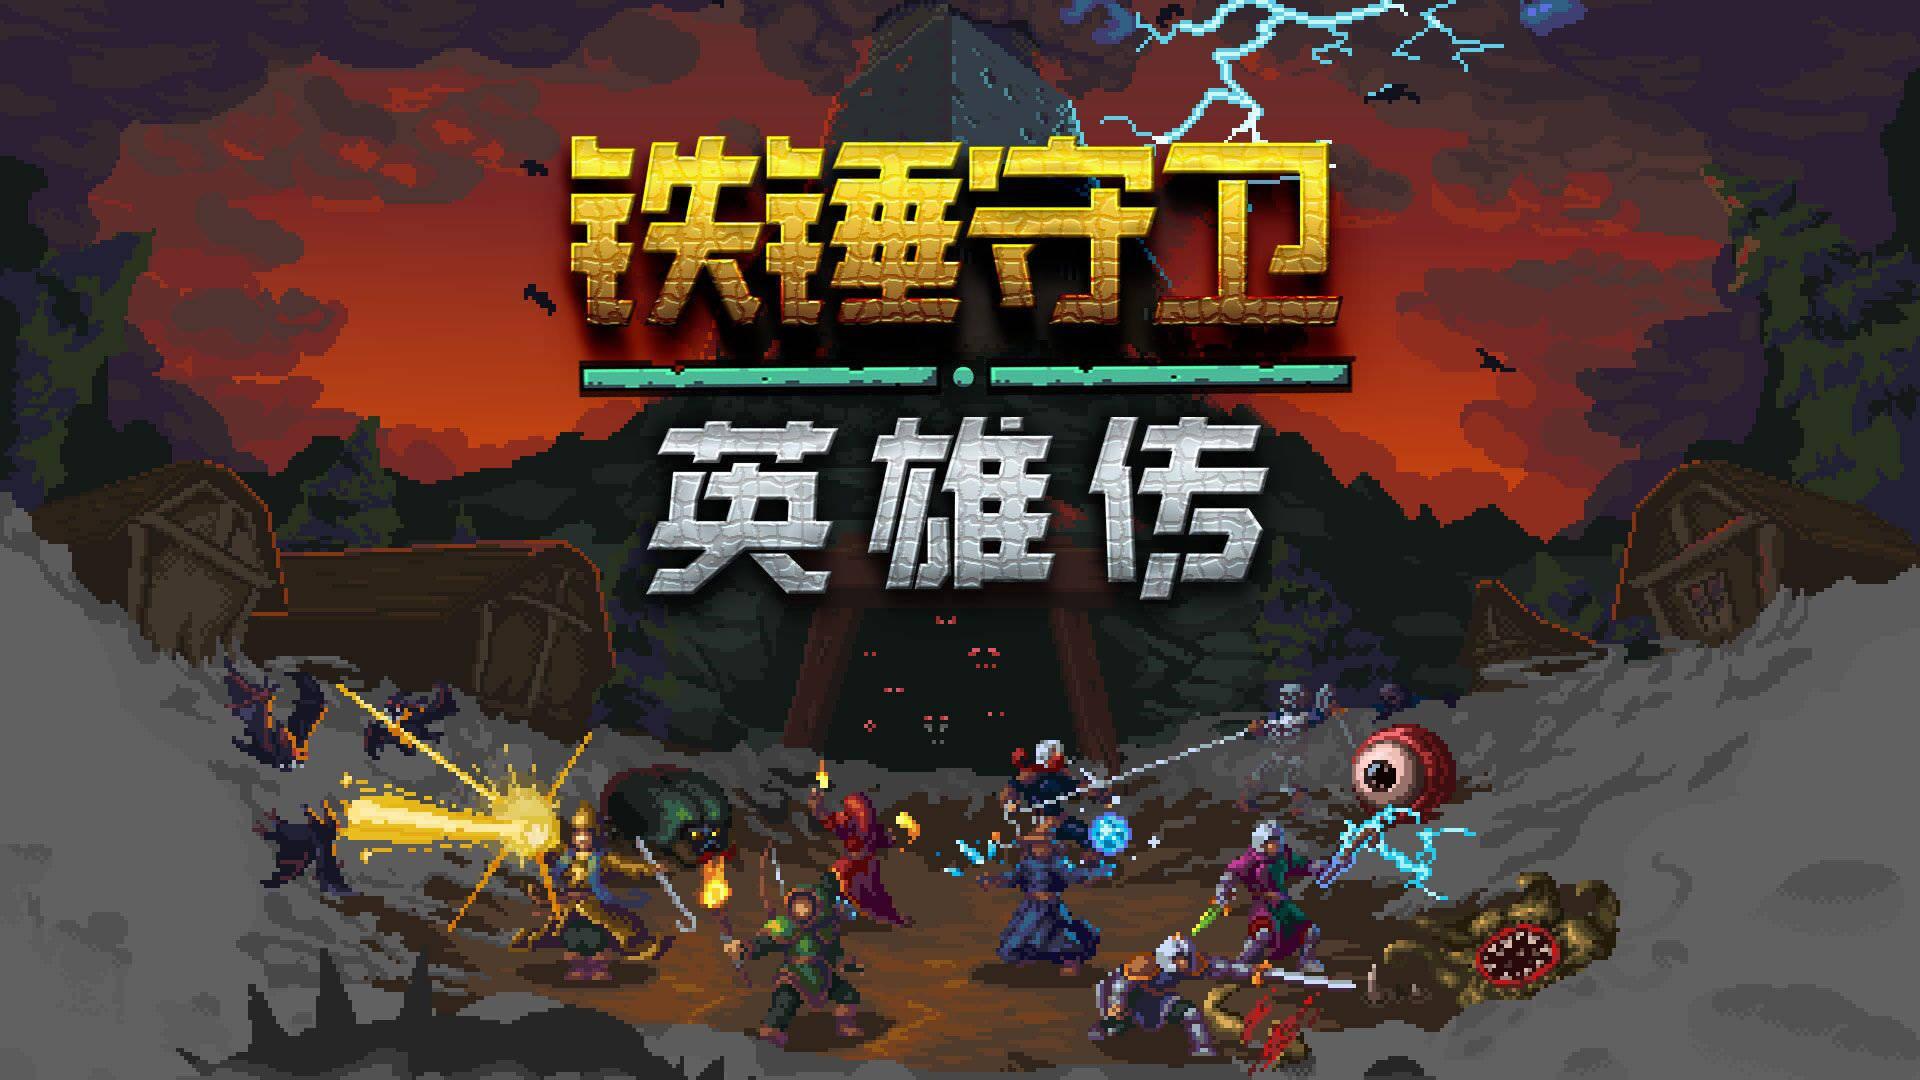 《铁锤守卫英雄传》官中正式上线!拉上好友一起击败魔王吧!